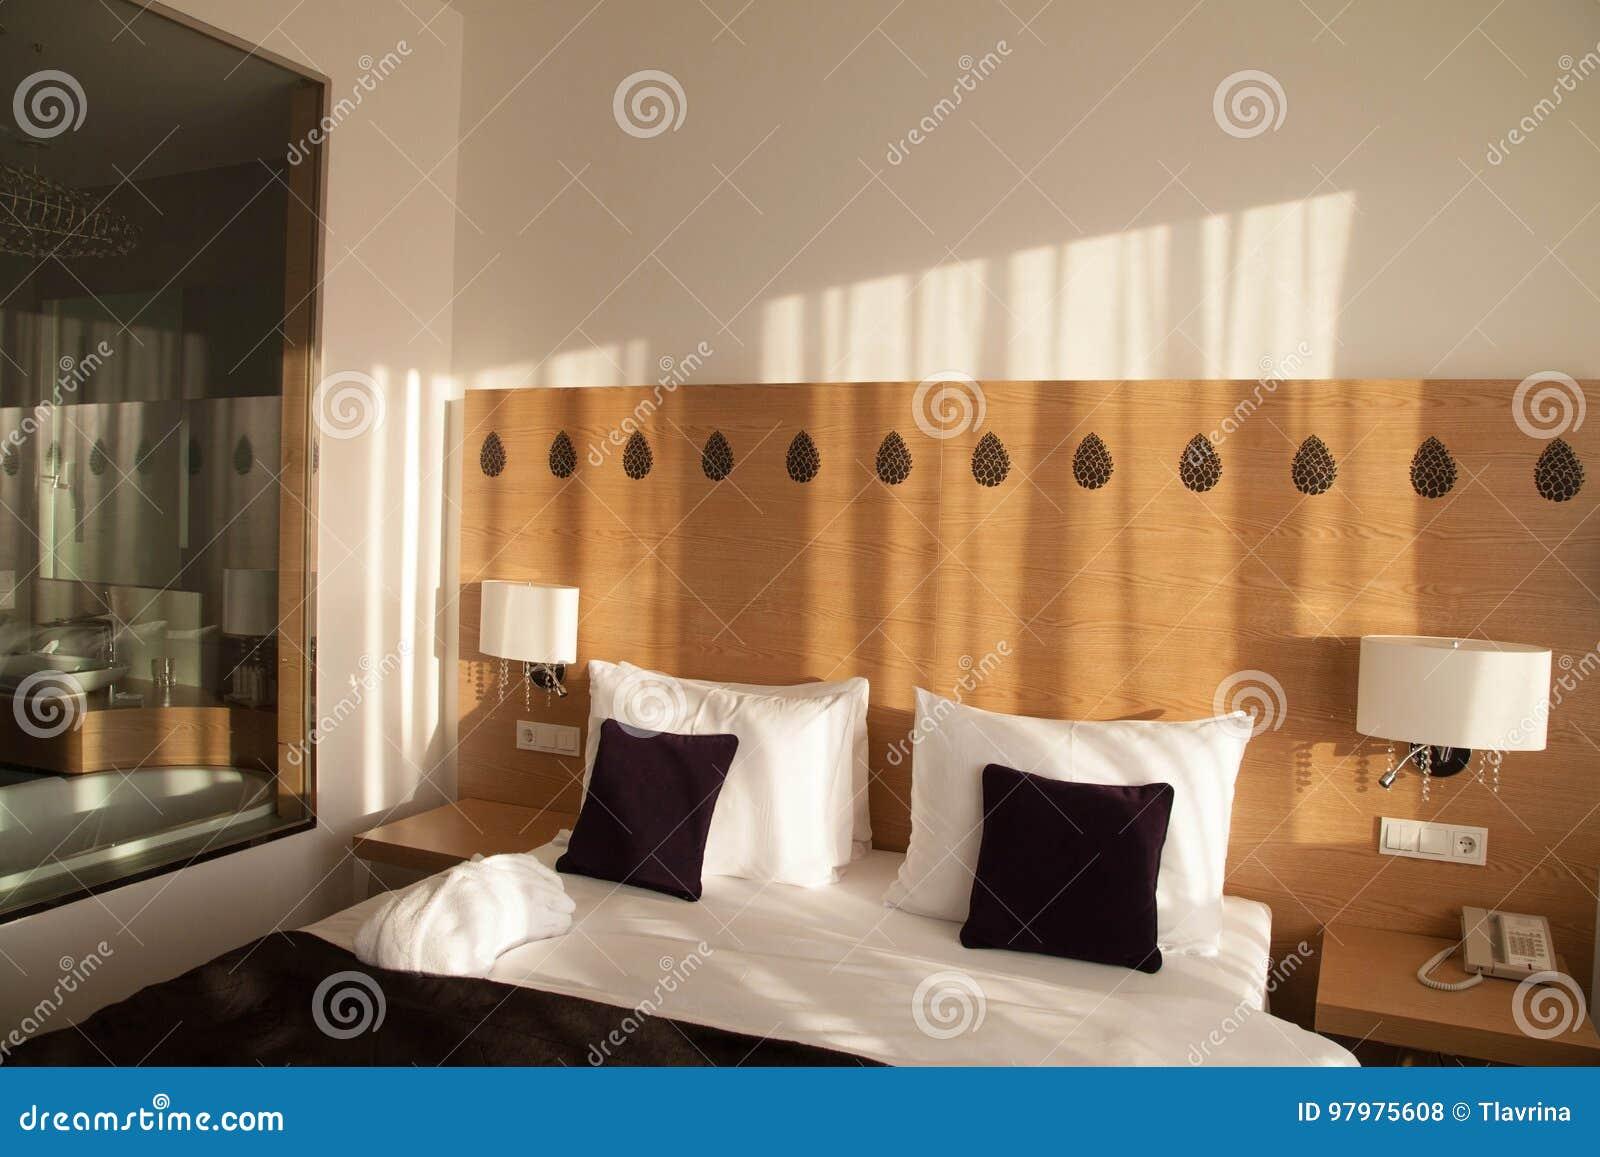 Bagno In Camera Con Vetrata : Camera di albergo contemporanea con la vista e parete di